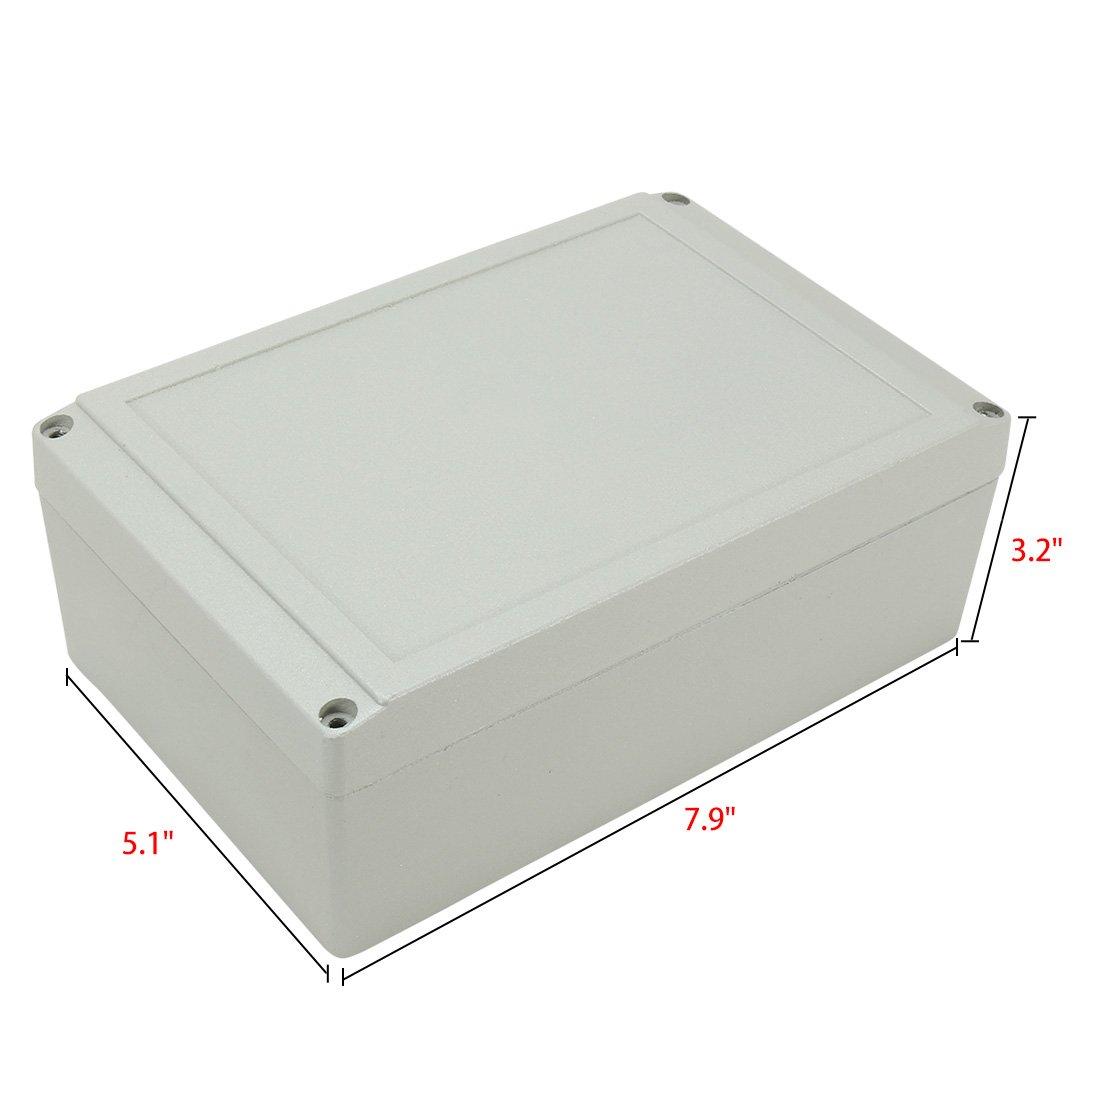 Aexit Caja de conexiones de aluminio de 7.9 x5.1 x3.2 ...